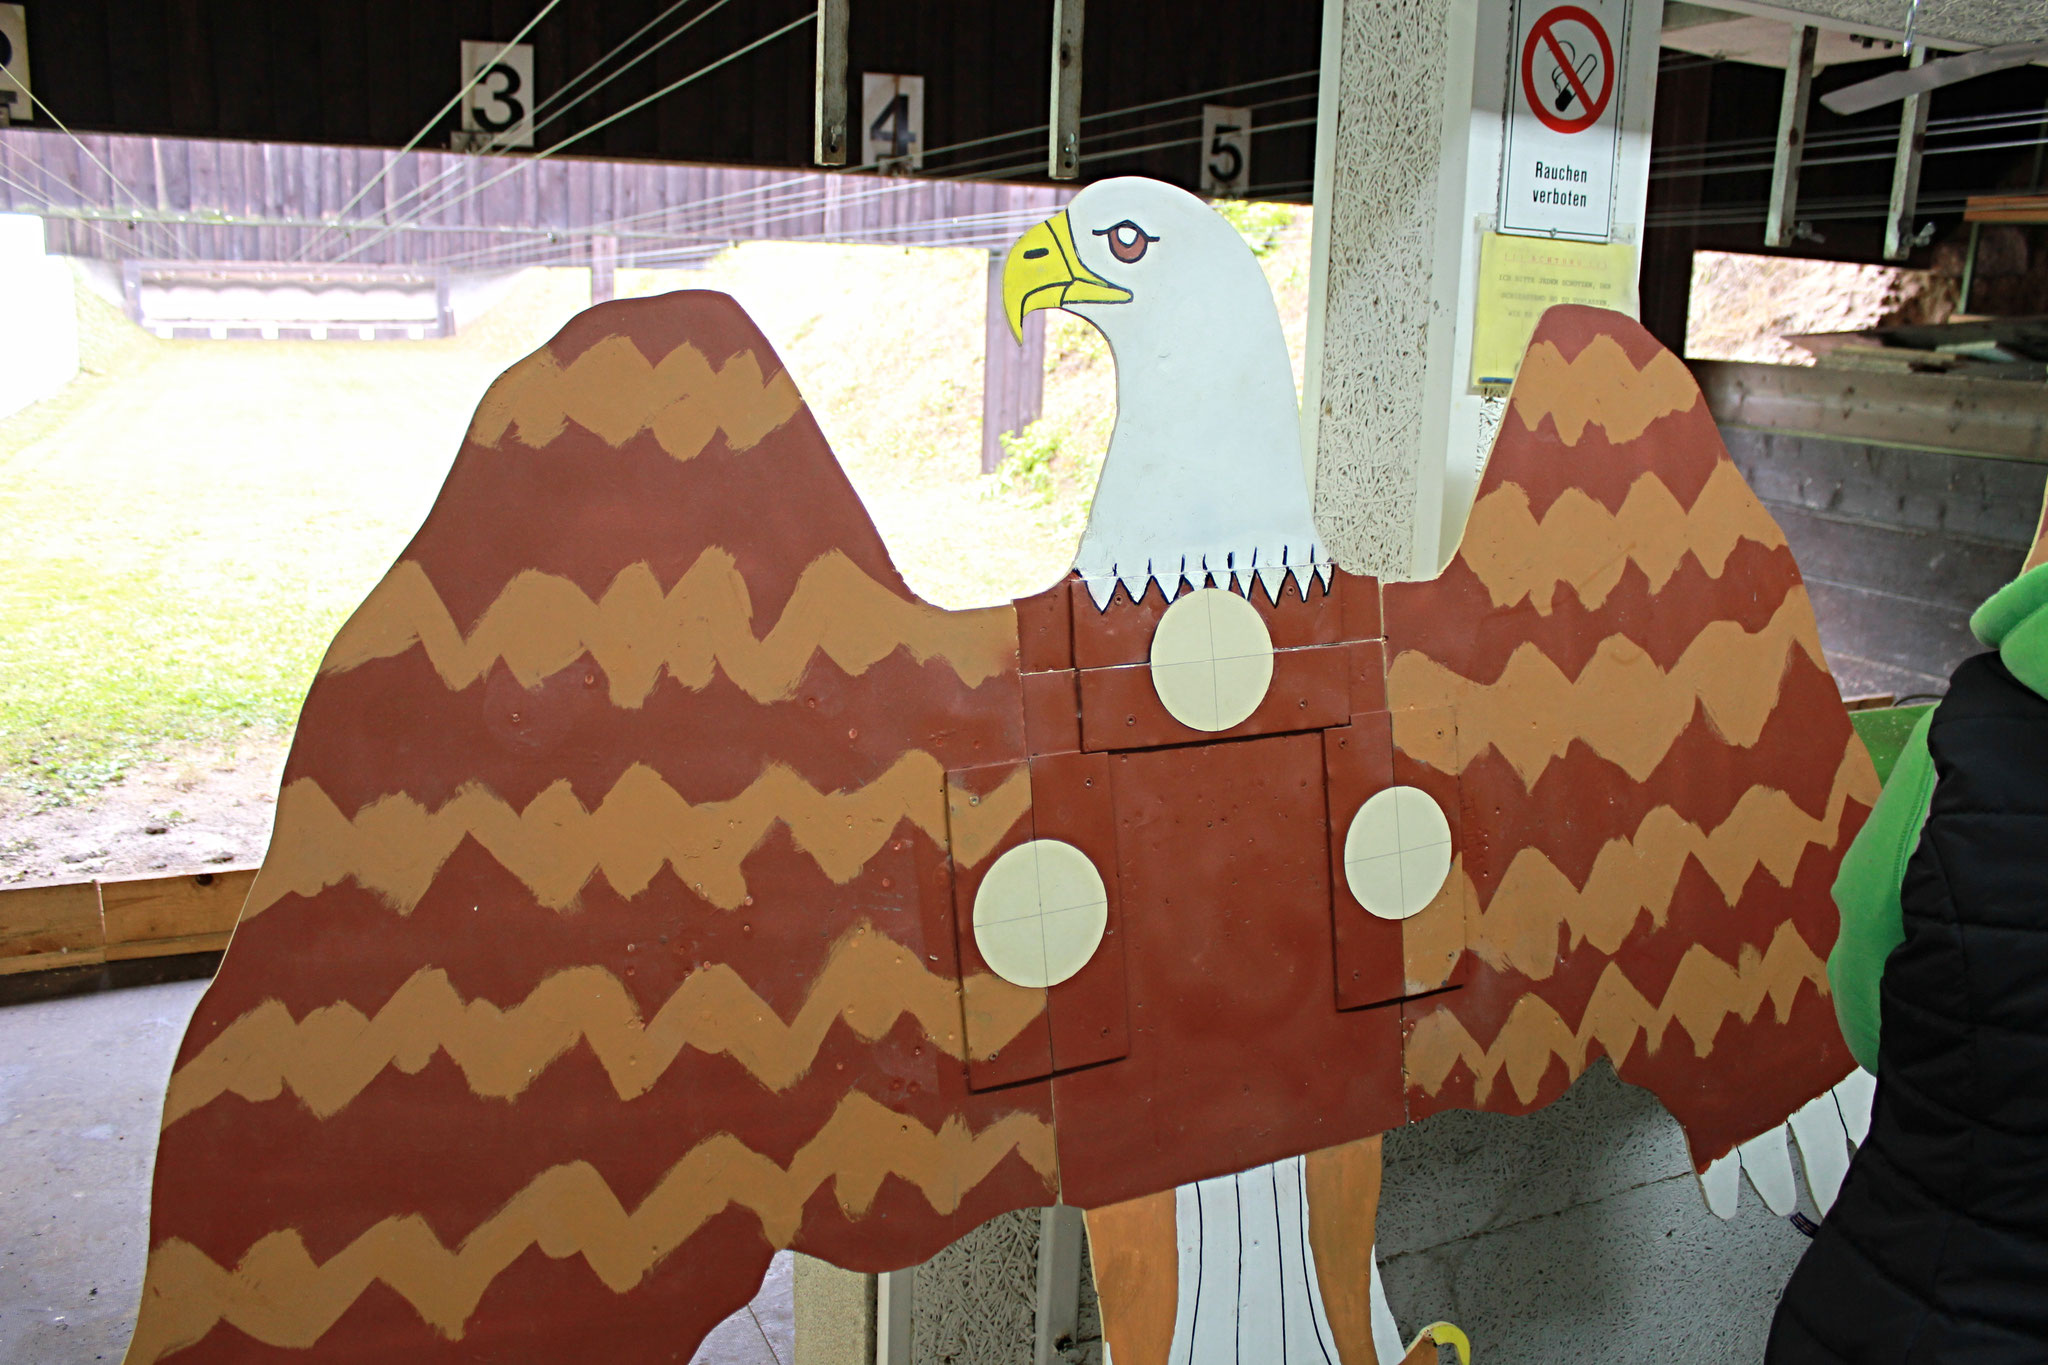 So sehen die Adler im unversehrten Zustand aus